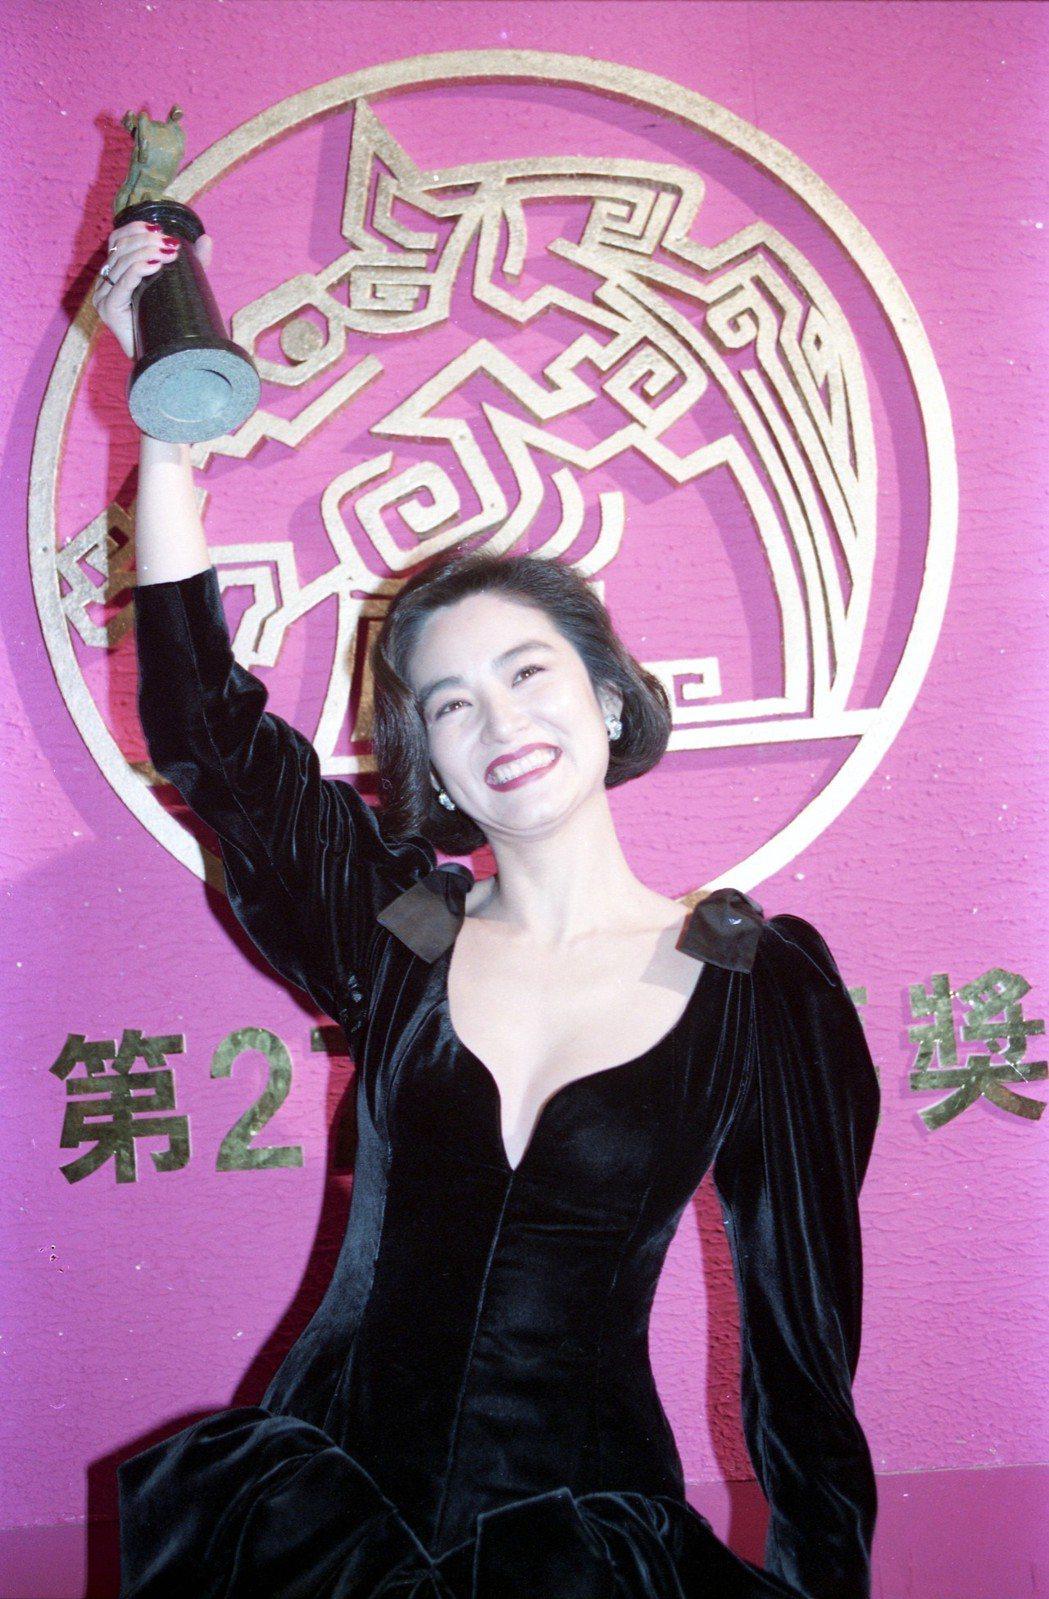 林青霞影壇奮鬥多年,終以「滾滾紅塵」榮登金馬獎影后。圖/報系資料照片